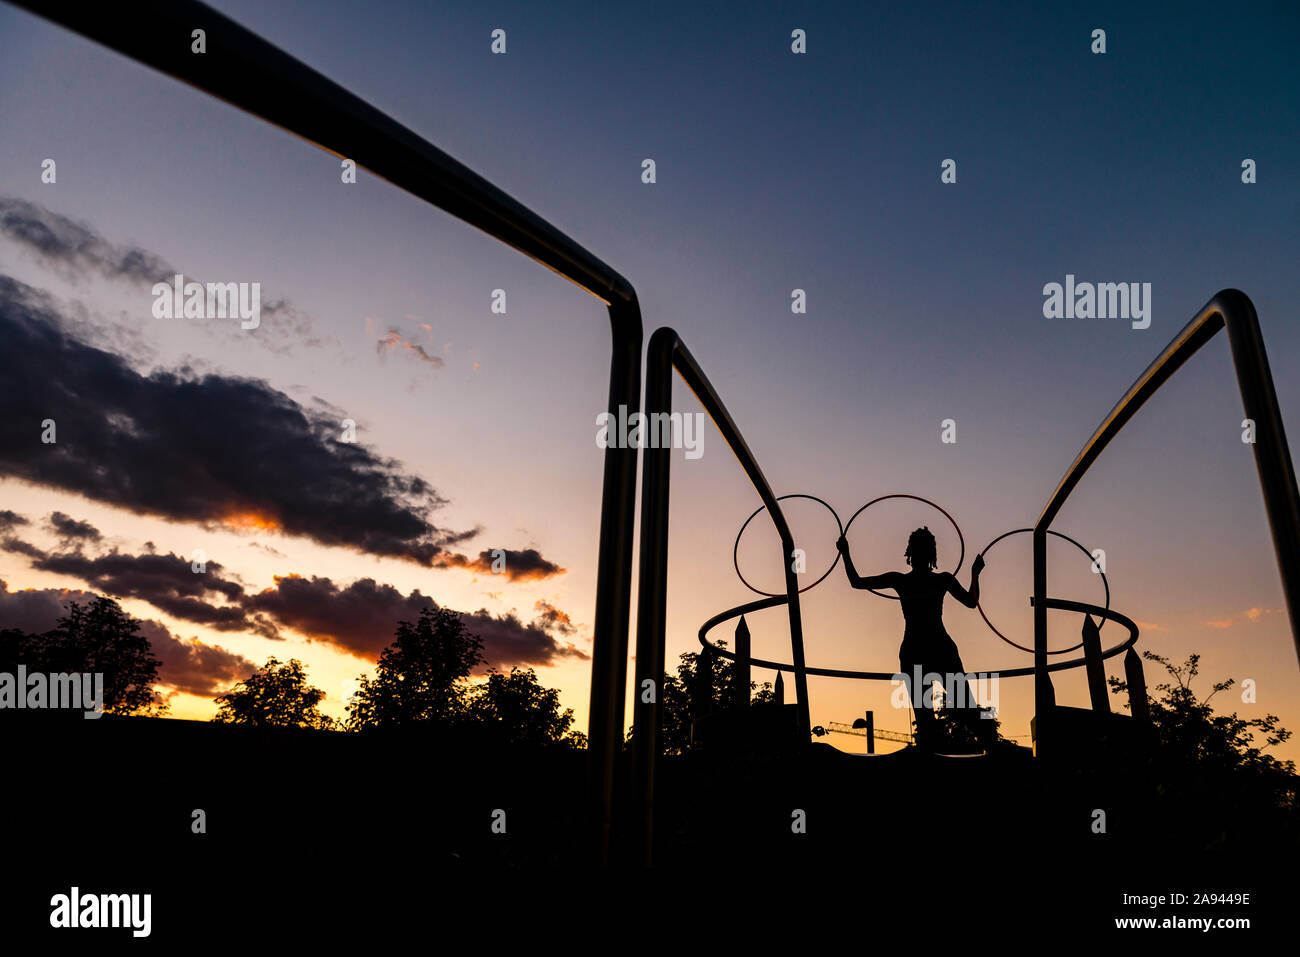 Silhouette di donna eseguendo hula hoop dance in downtown al tramonto Foto Stock